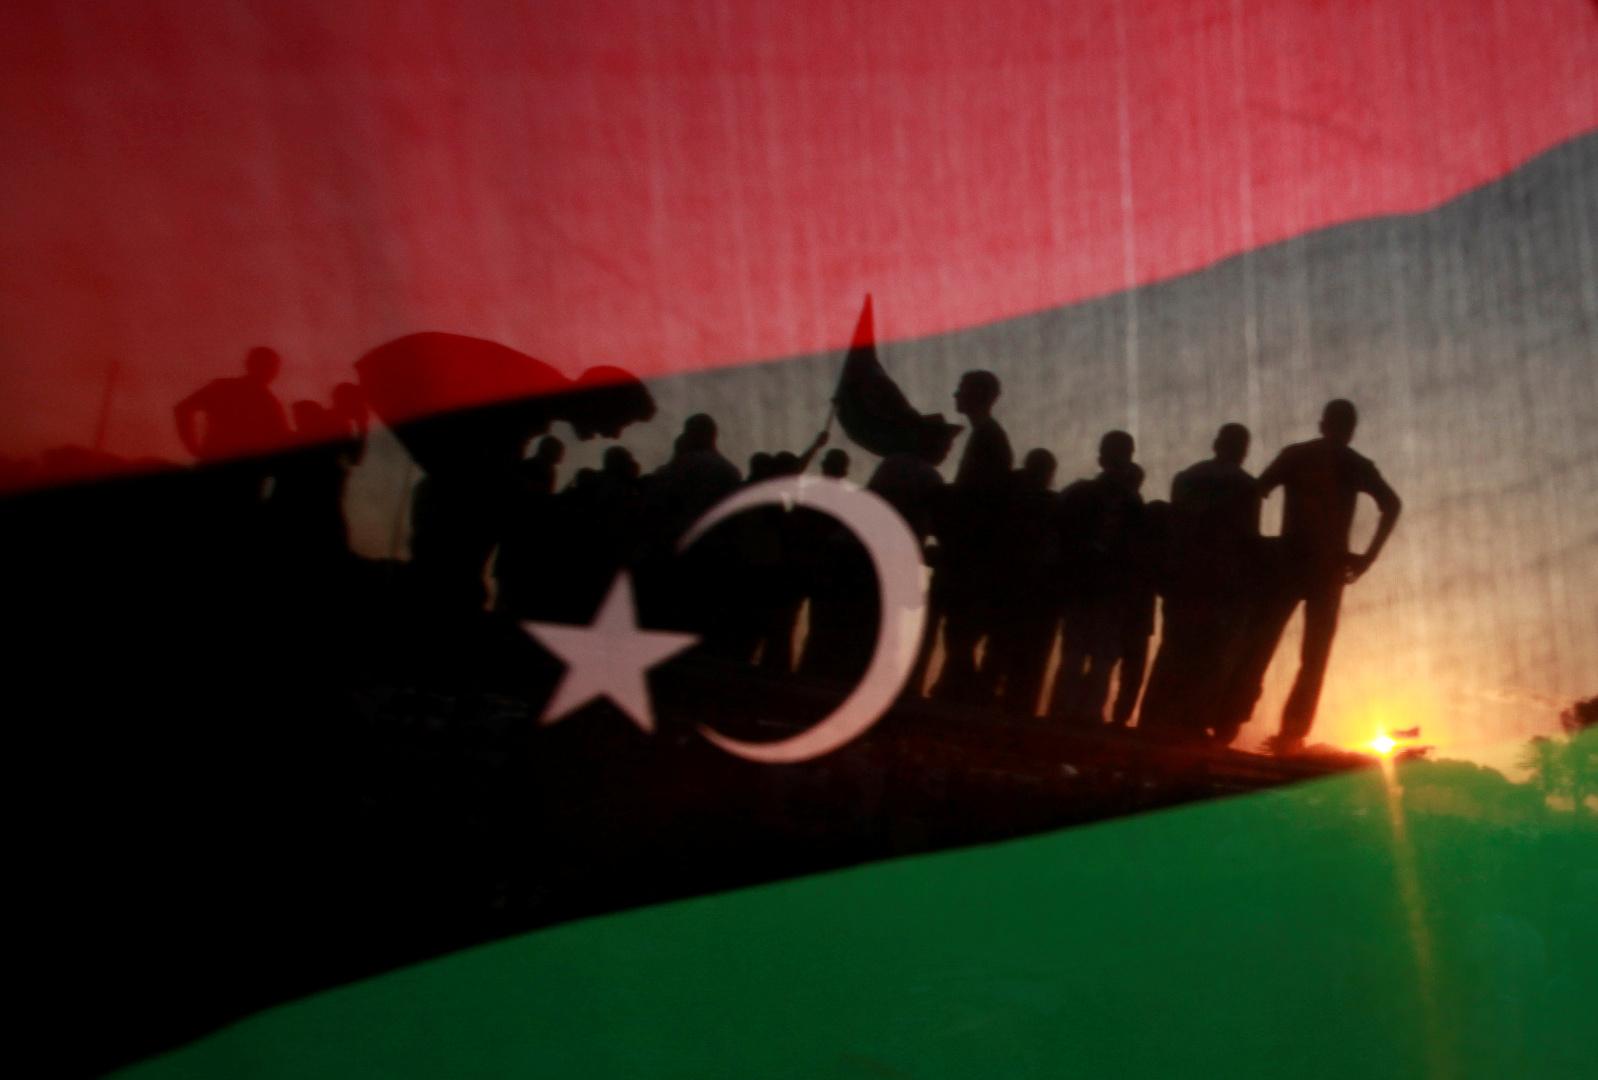 موسكو: غياب السلام المستدام في ليبيا يهدد باستمرار تدويل النزاع